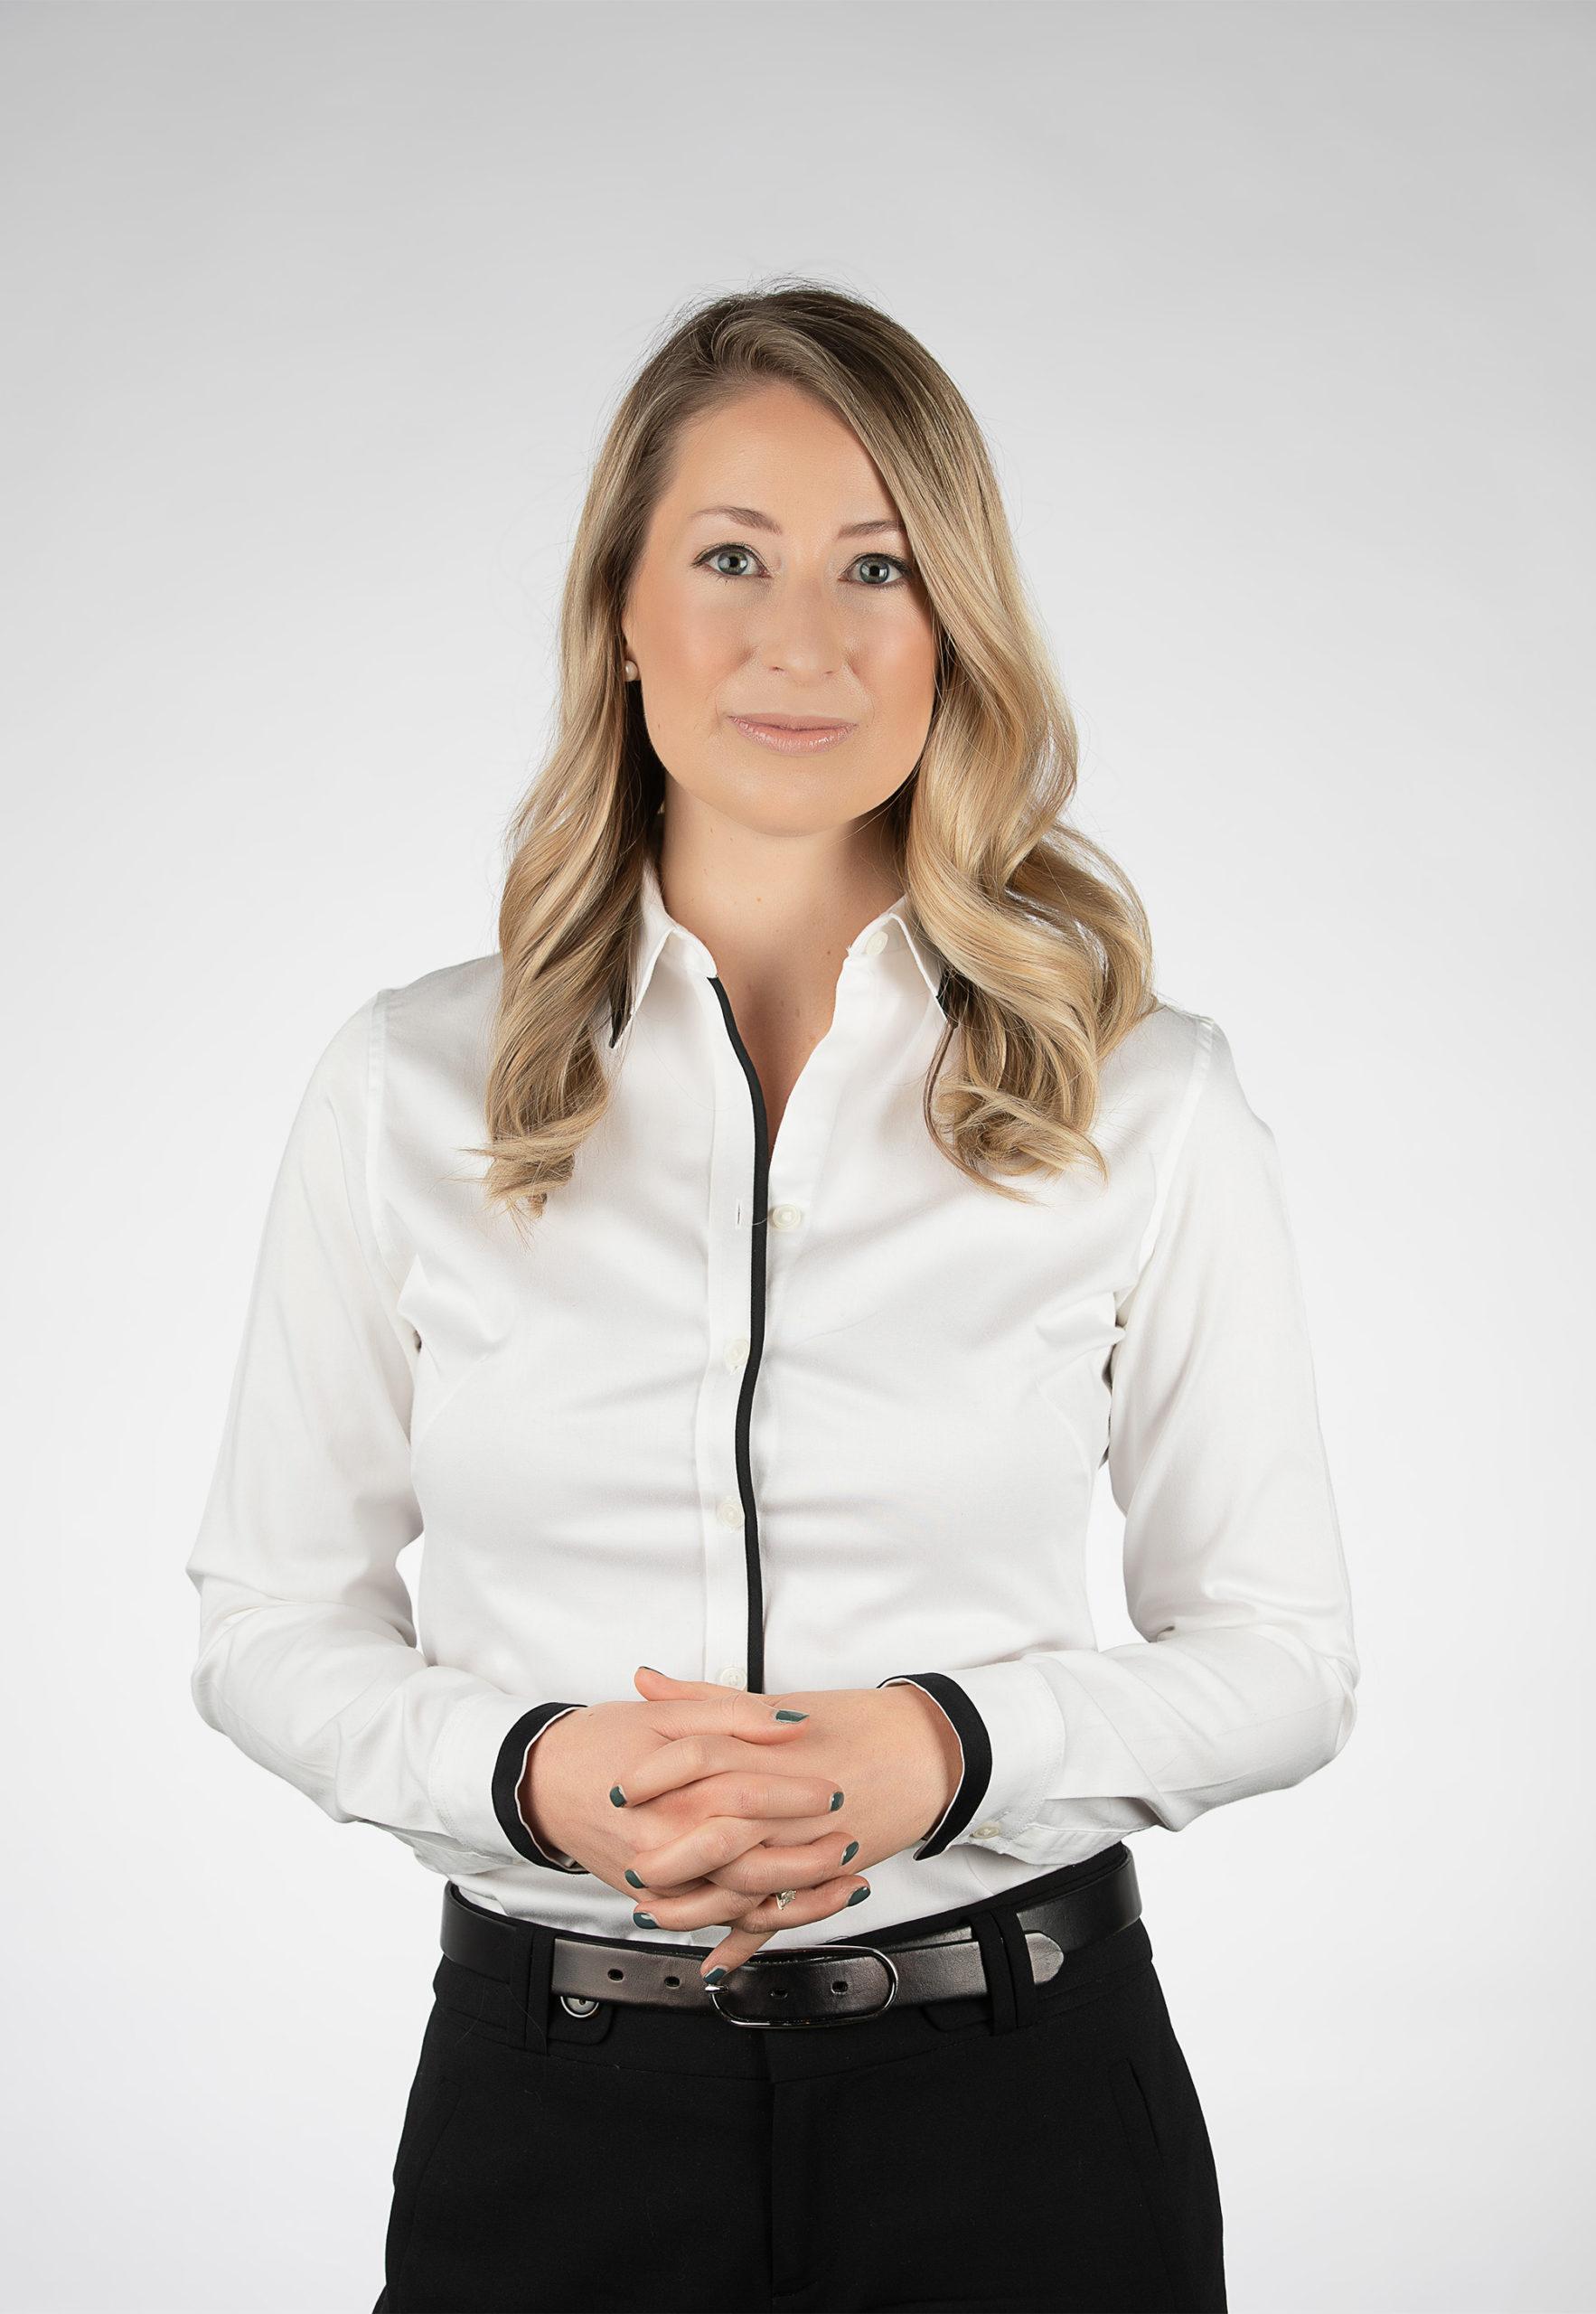 Jessica Schneider, MD